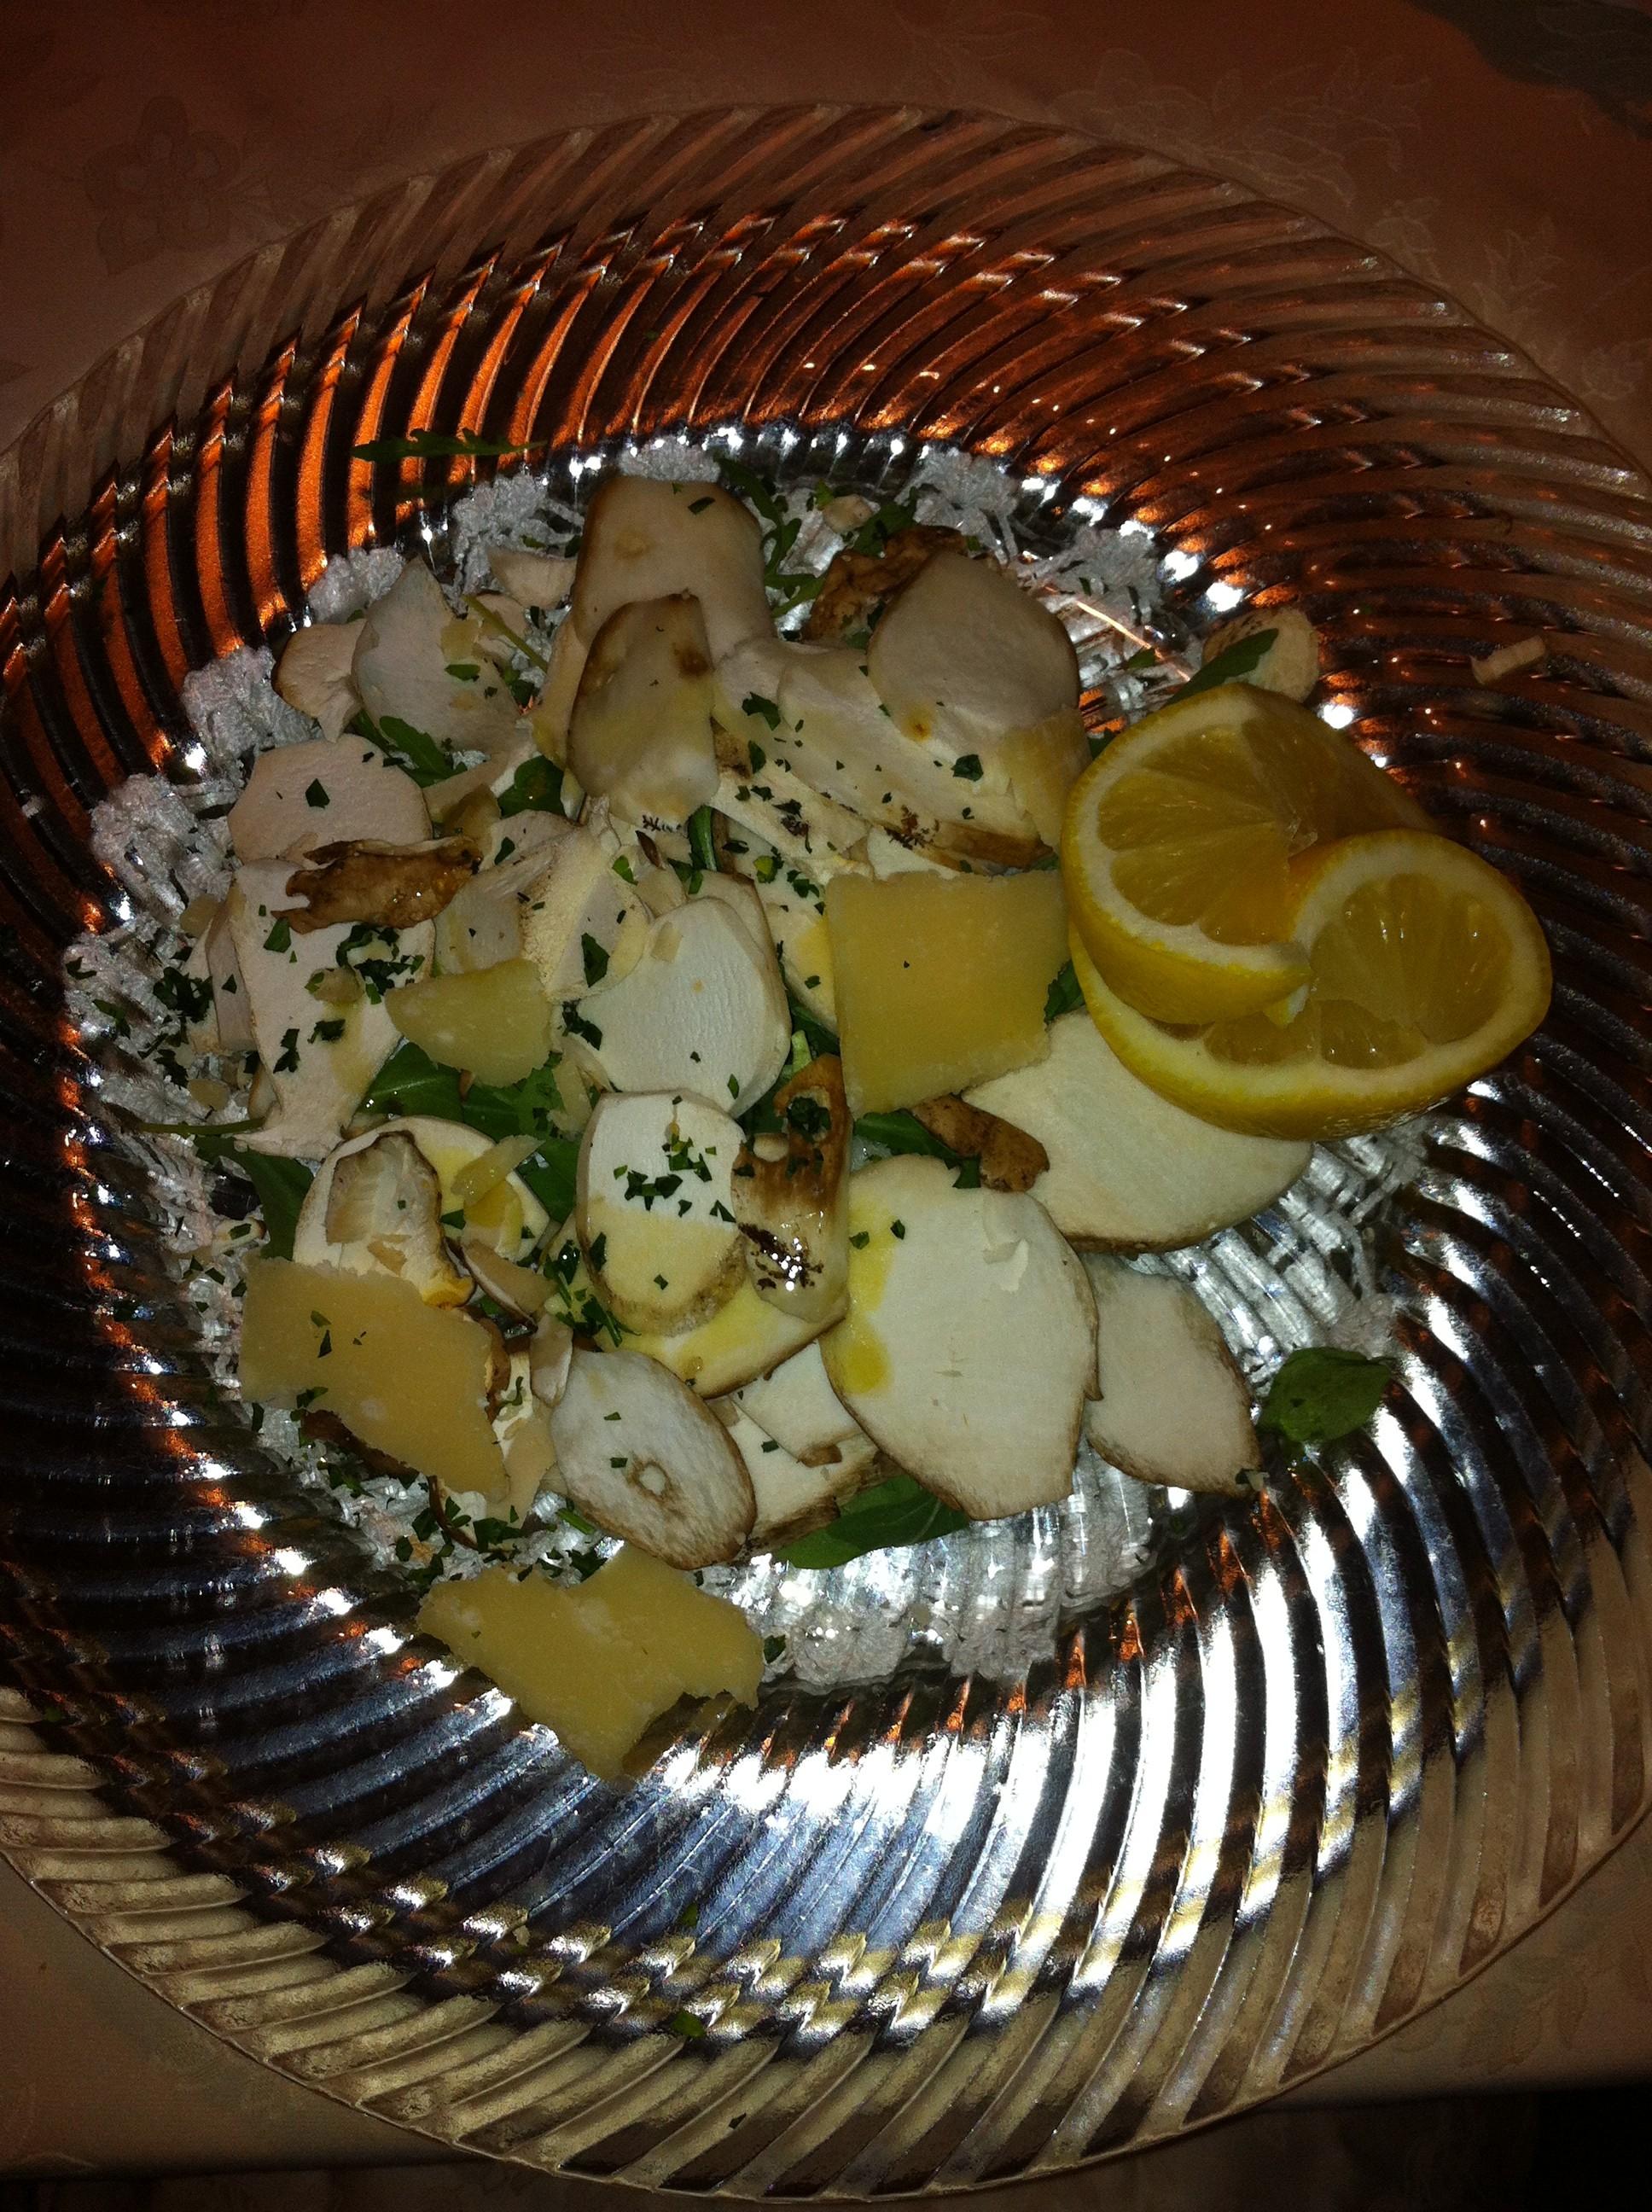 insalata di funghi porcini, rucola e parmigiano